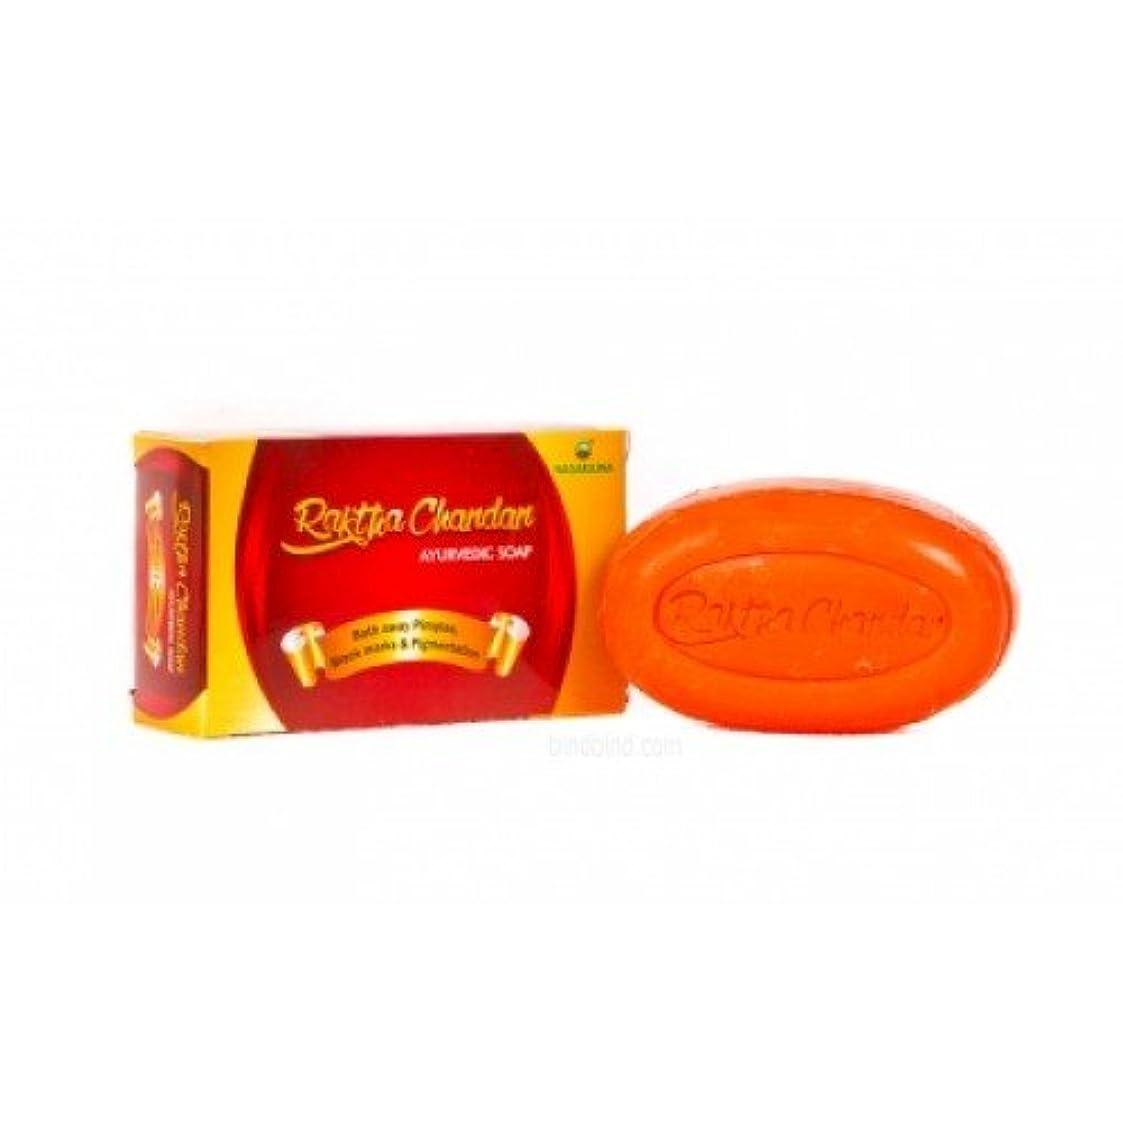 ブラジャーそれぞれメンダシティNagarjuna Raktha Chandan Ayurvedic Soap Best For Glowing Skin